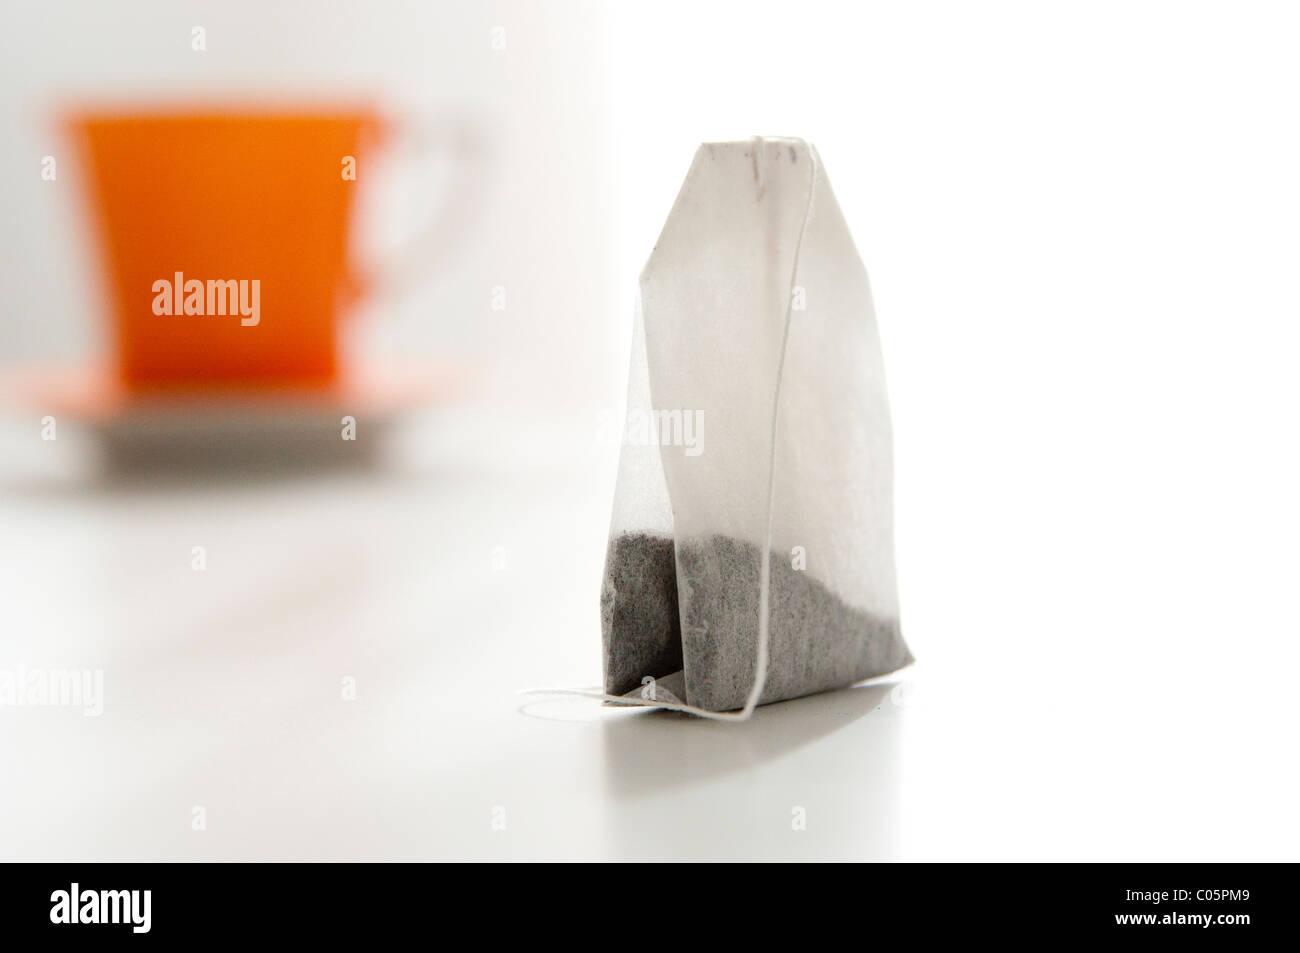 Cierre de la bolsa de té con fuera de foco taza de té de naranja en segundo plano. Imagen De Stock